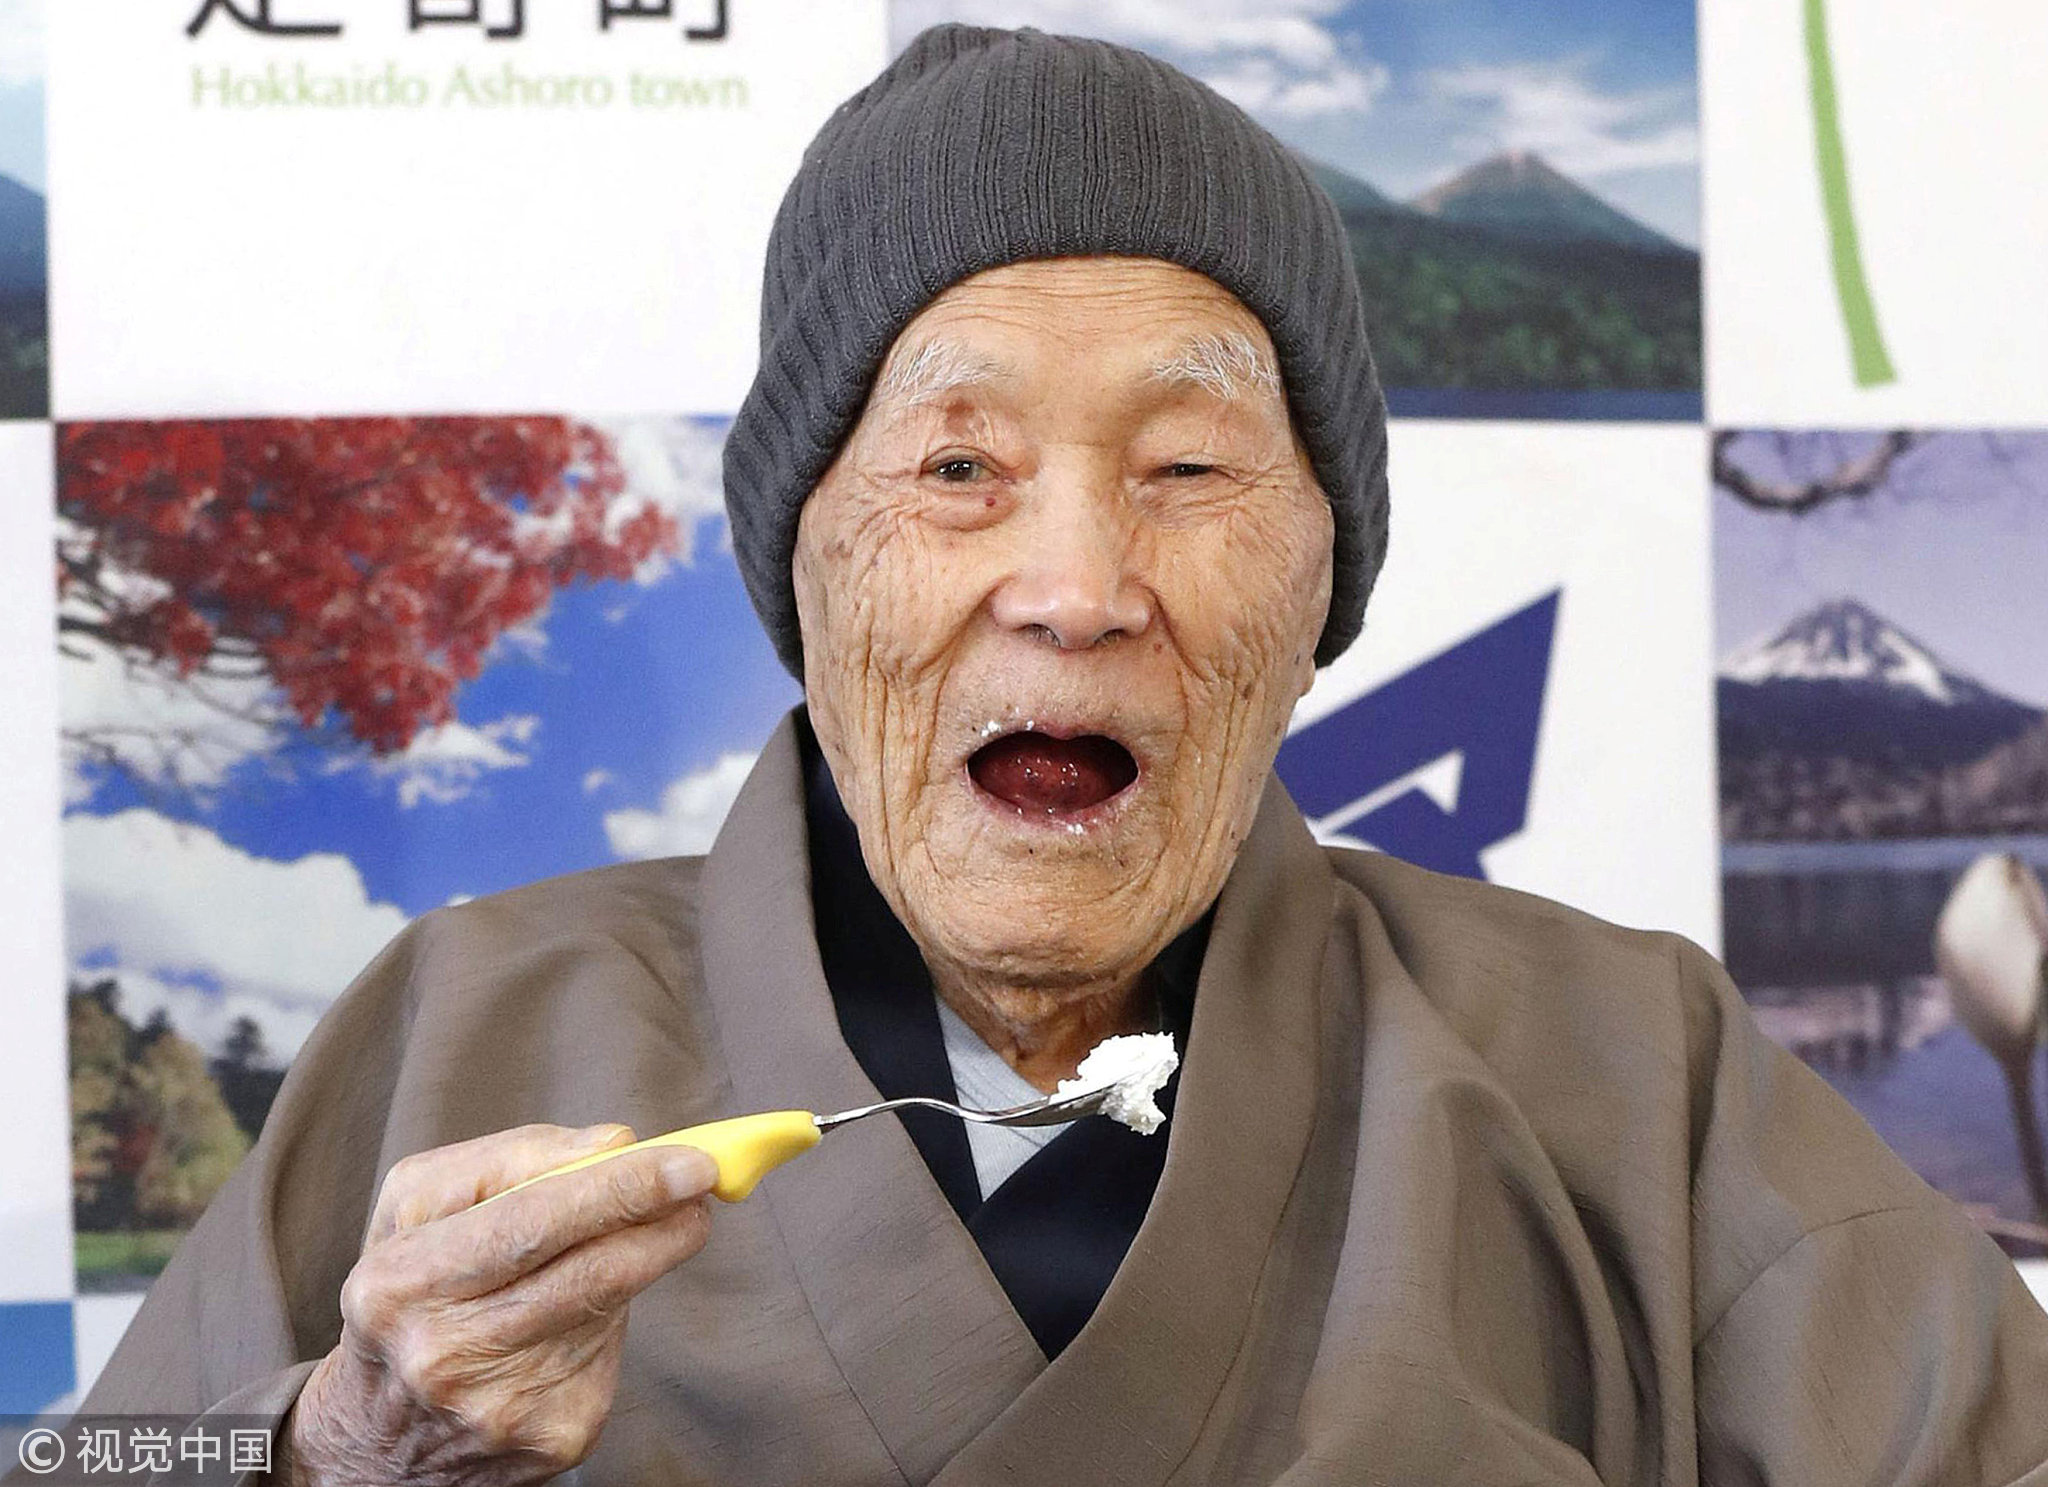 日本112岁老人获吉尼斯最长寿男性称号! - 周公乐 - xinhua8848 的博客